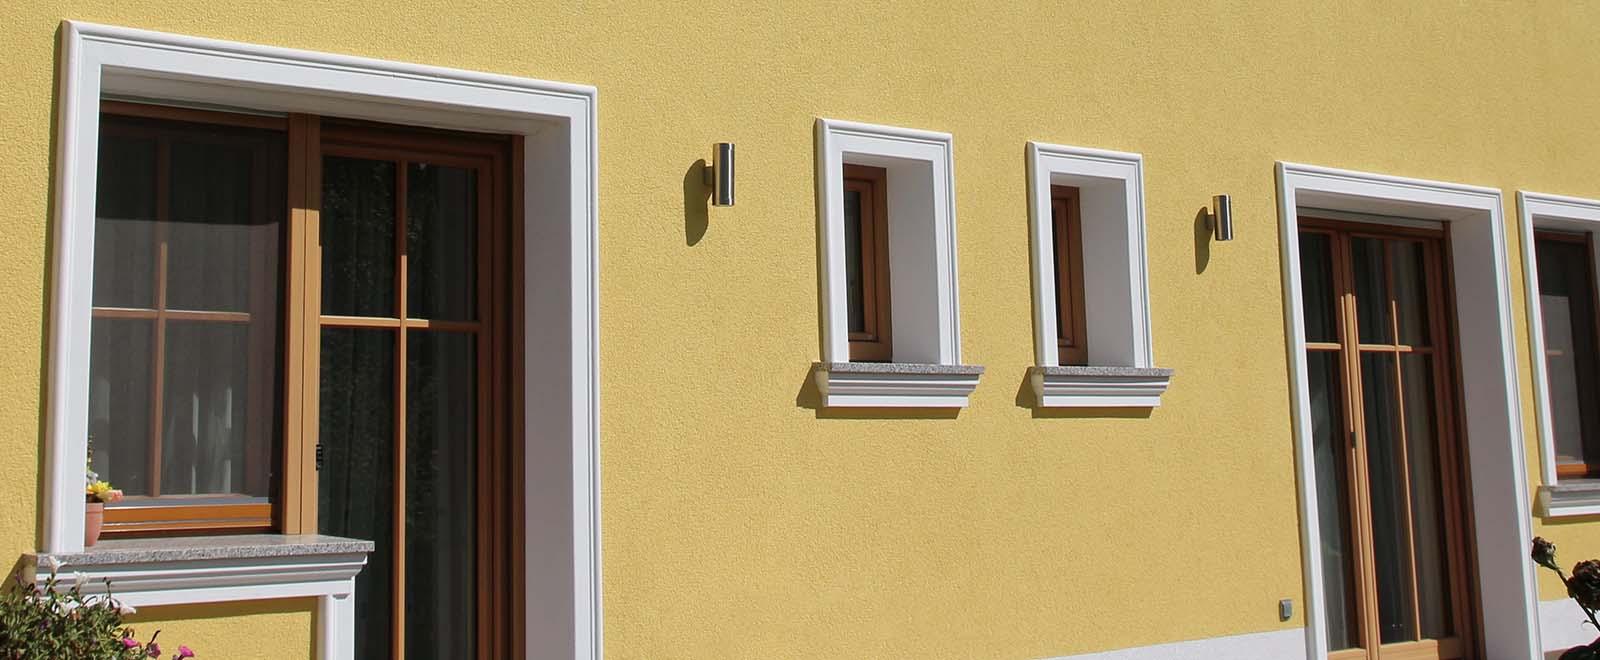 Fensterfaschen zur Umrahmung von Fester und Türen hier online kaufen.